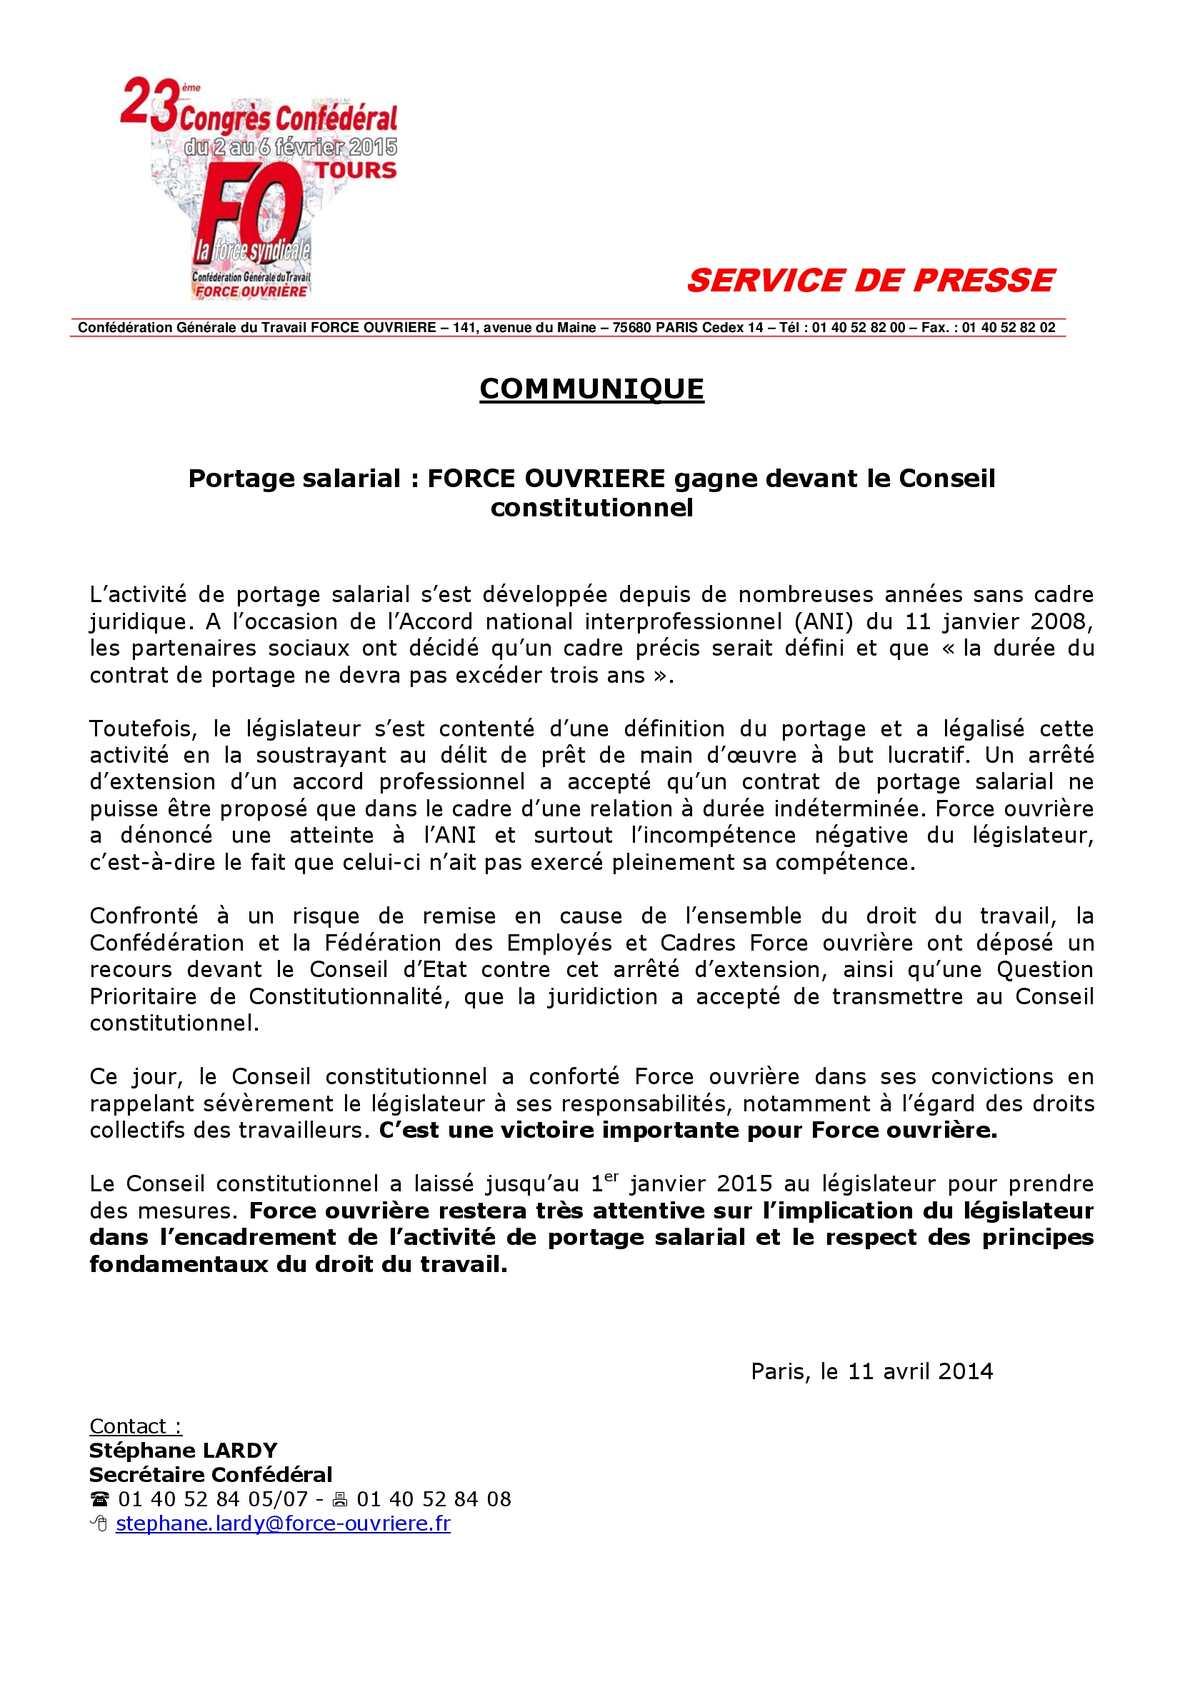 9e4f1a53a14 Calaméo - Portage salarial   FORCE OUVRIERE gagne devant le Conseil  constitutionnel